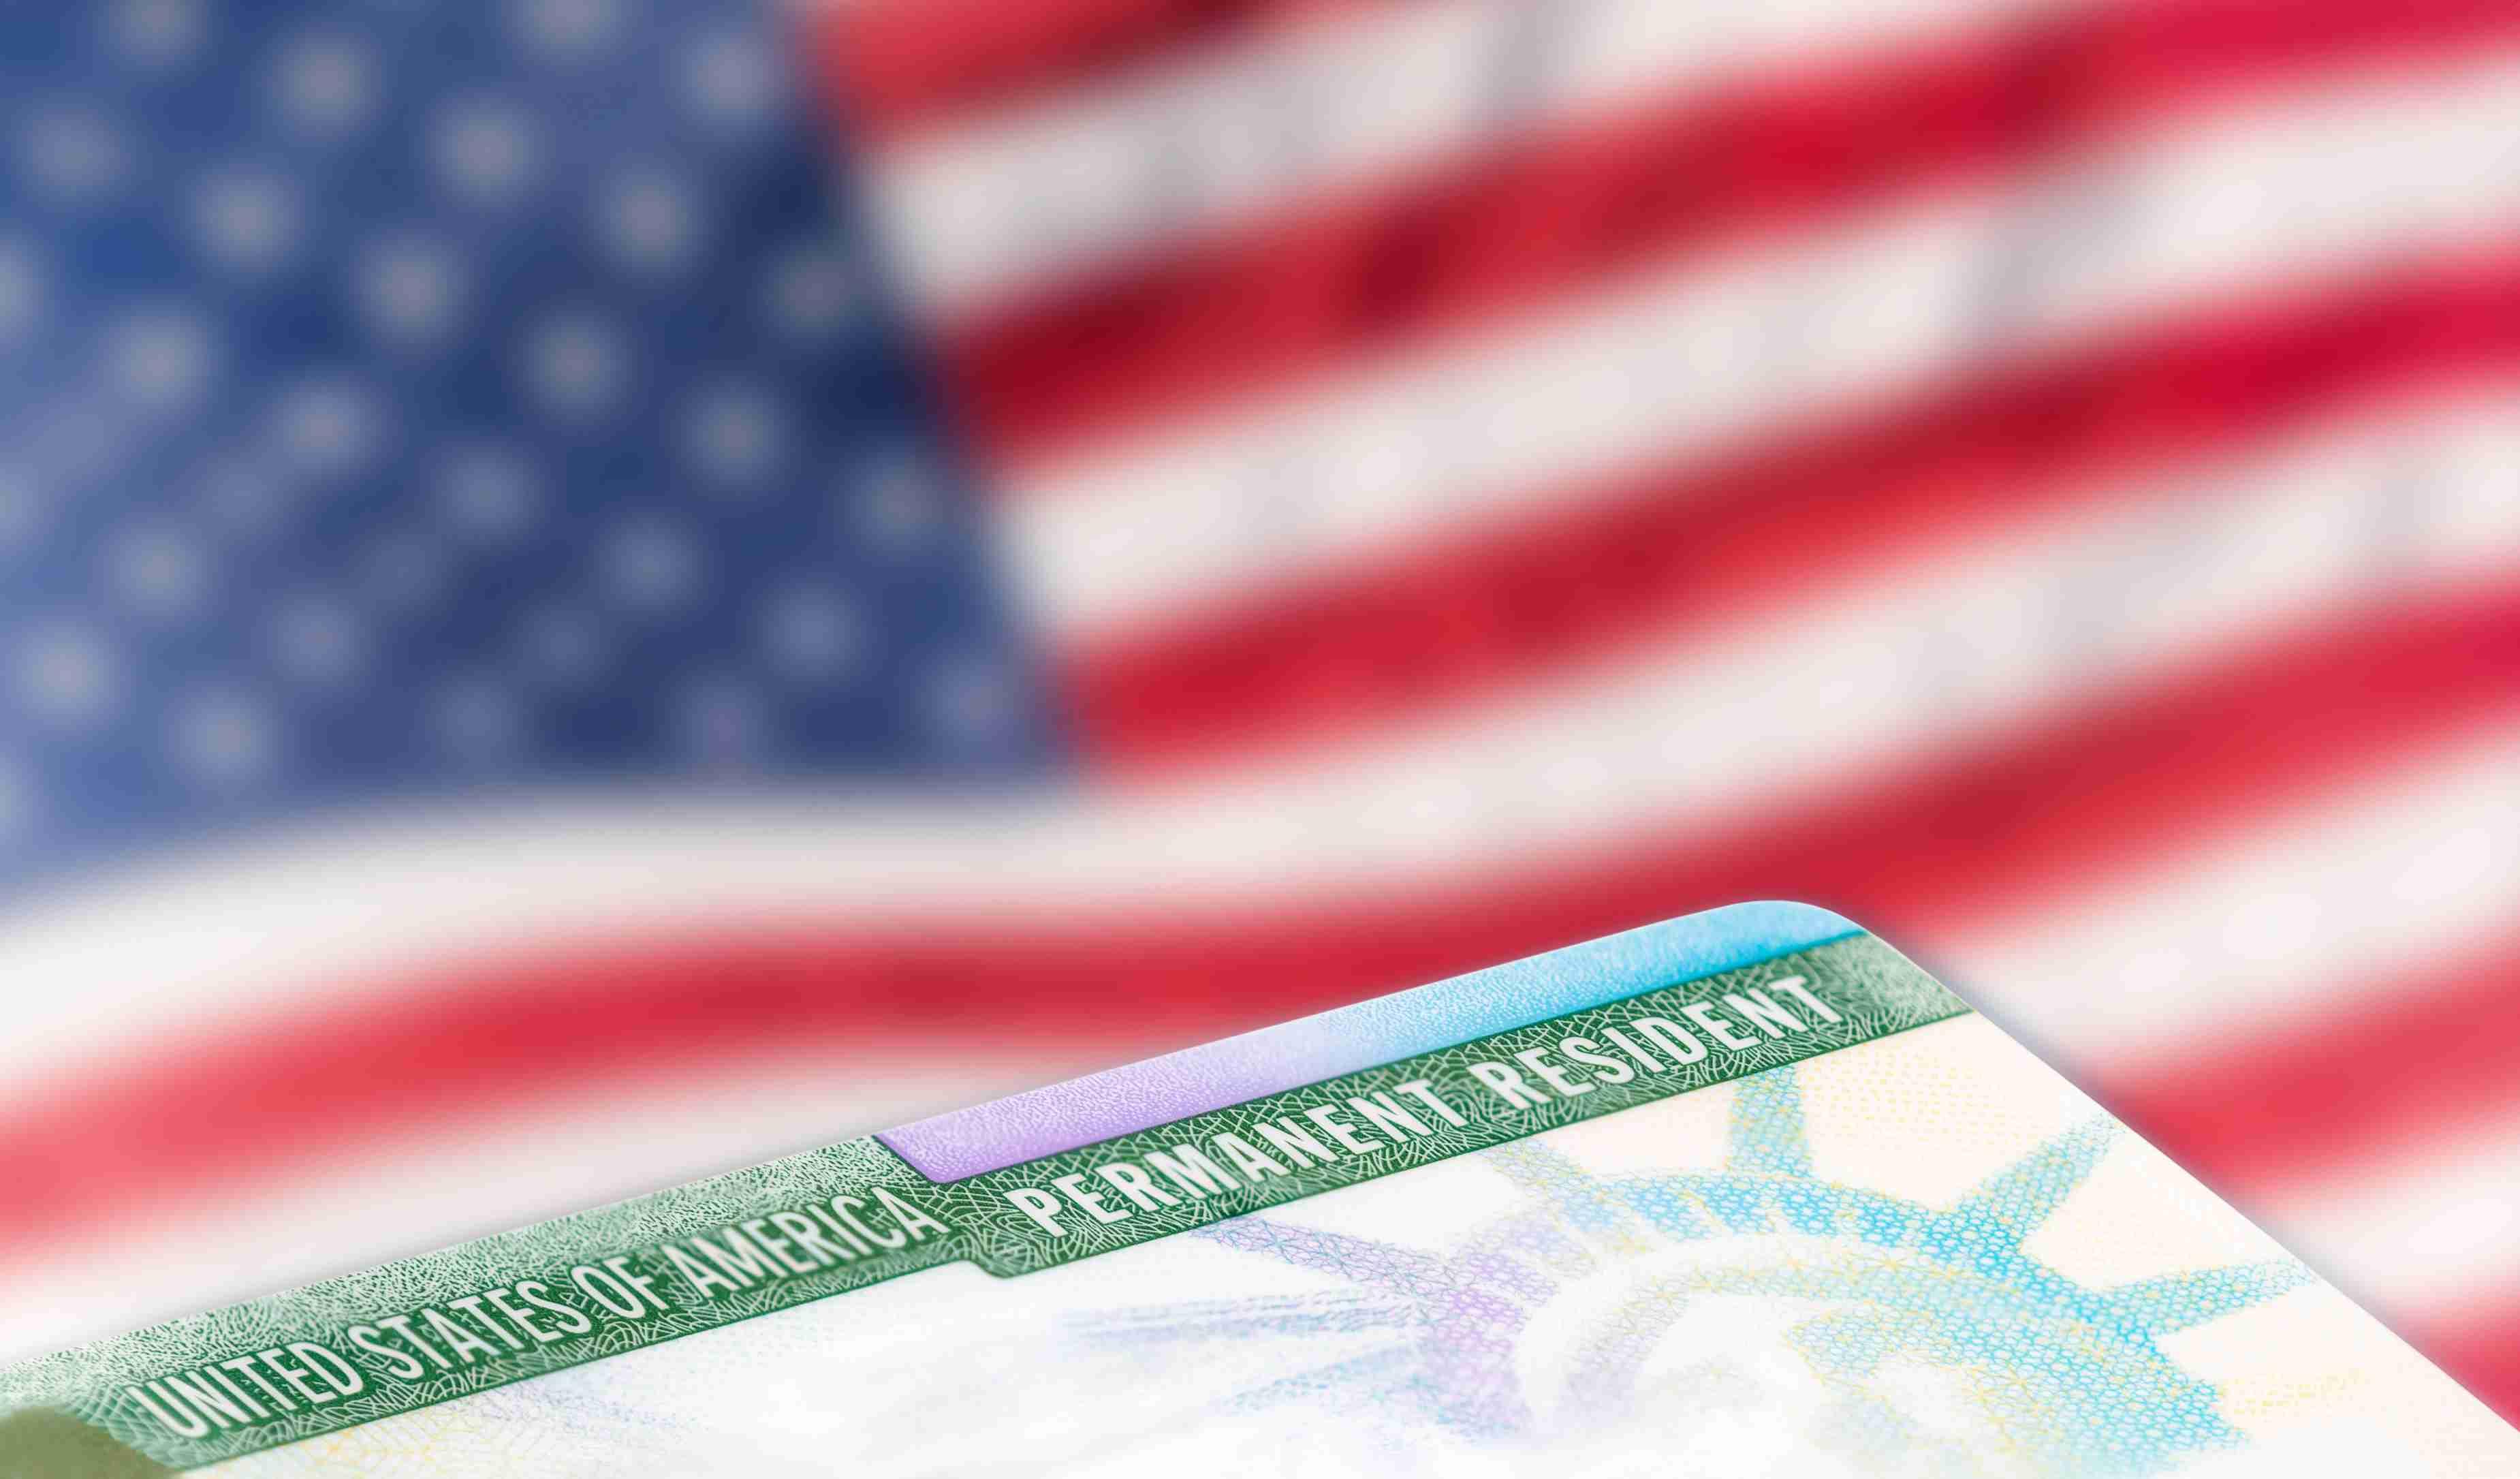 H1B visa, green card limits in america, bills in america senate, Business news